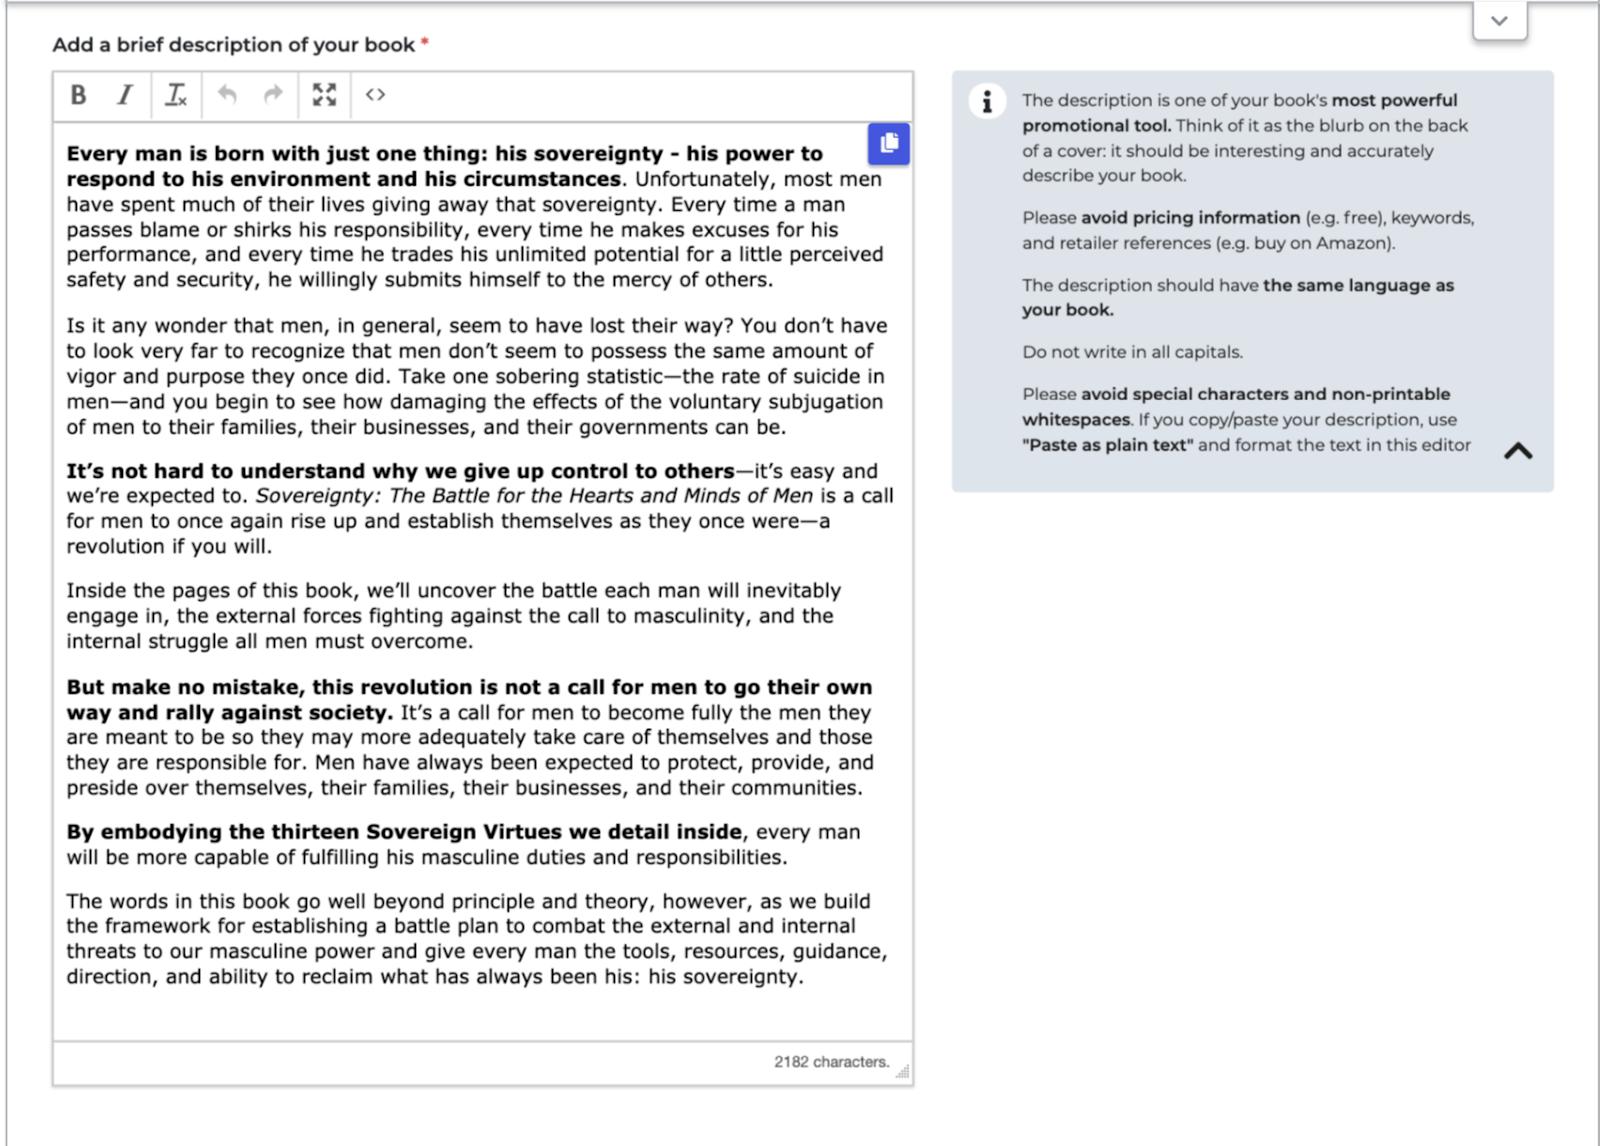 publishdrive_description_blurb_sovereignty